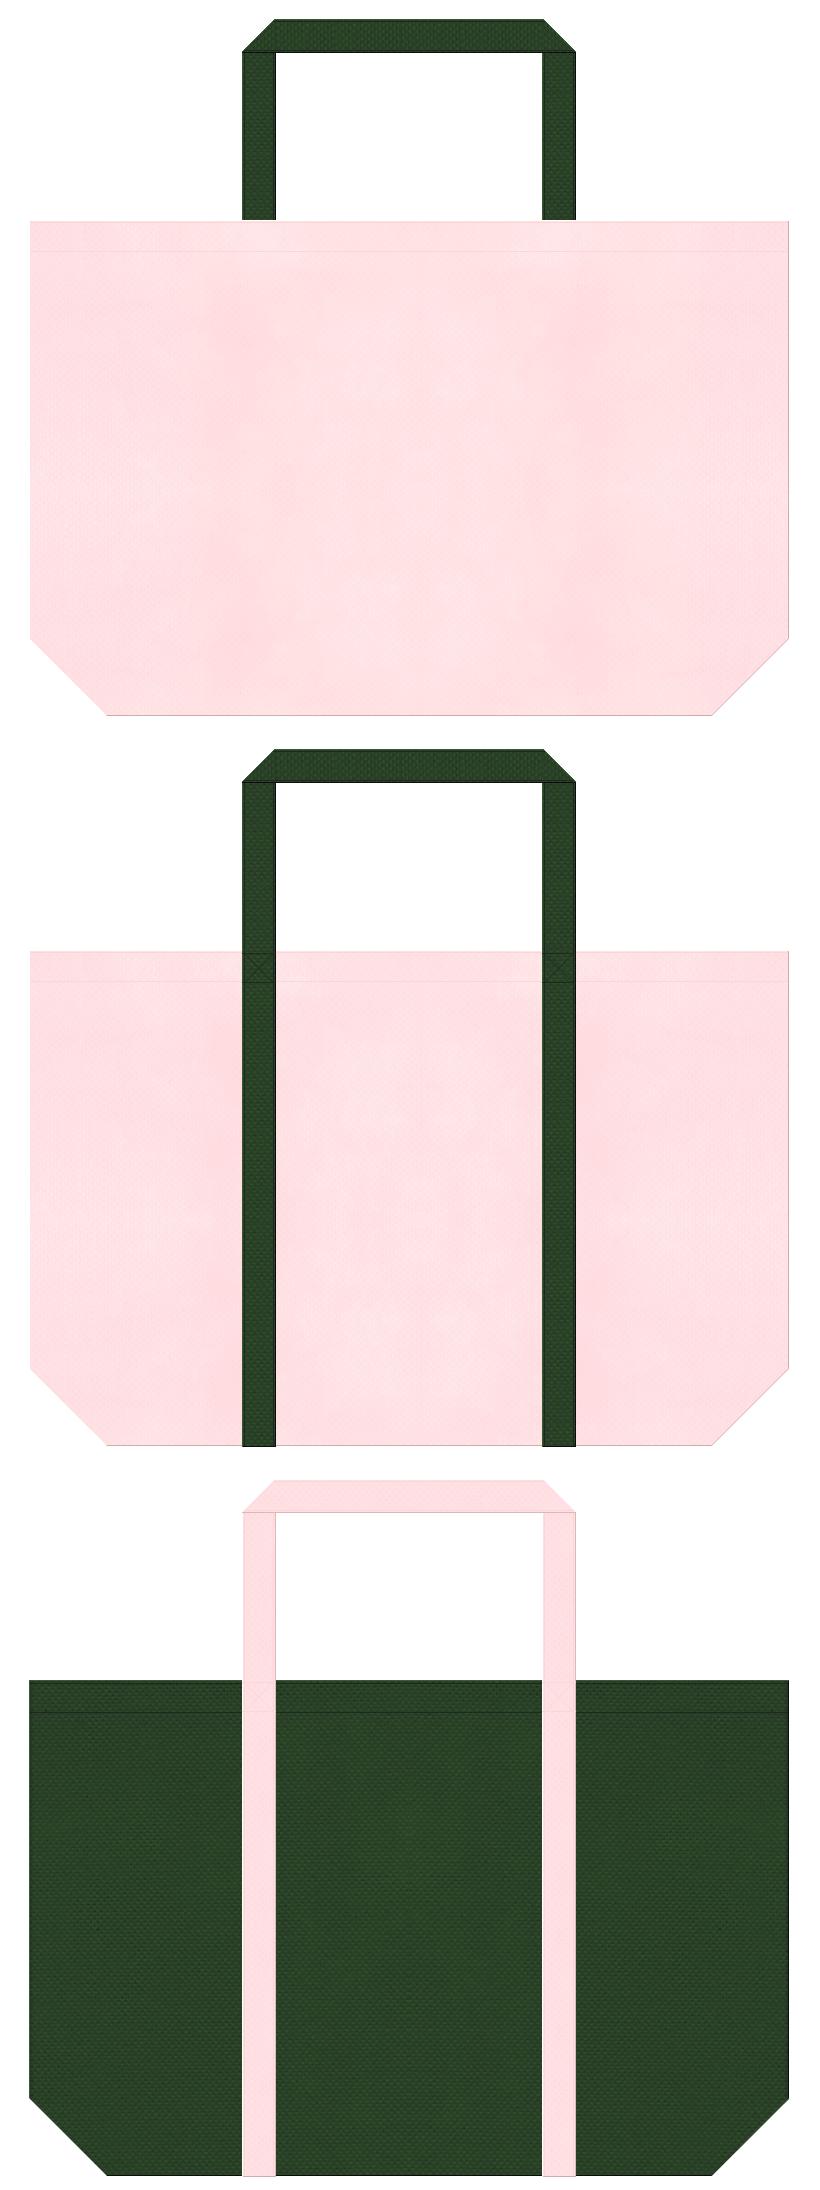 桜色と濃緑色の不織布バッグデザイン。女子制服・ユニフォームのショッピングバッグにお奨めです。